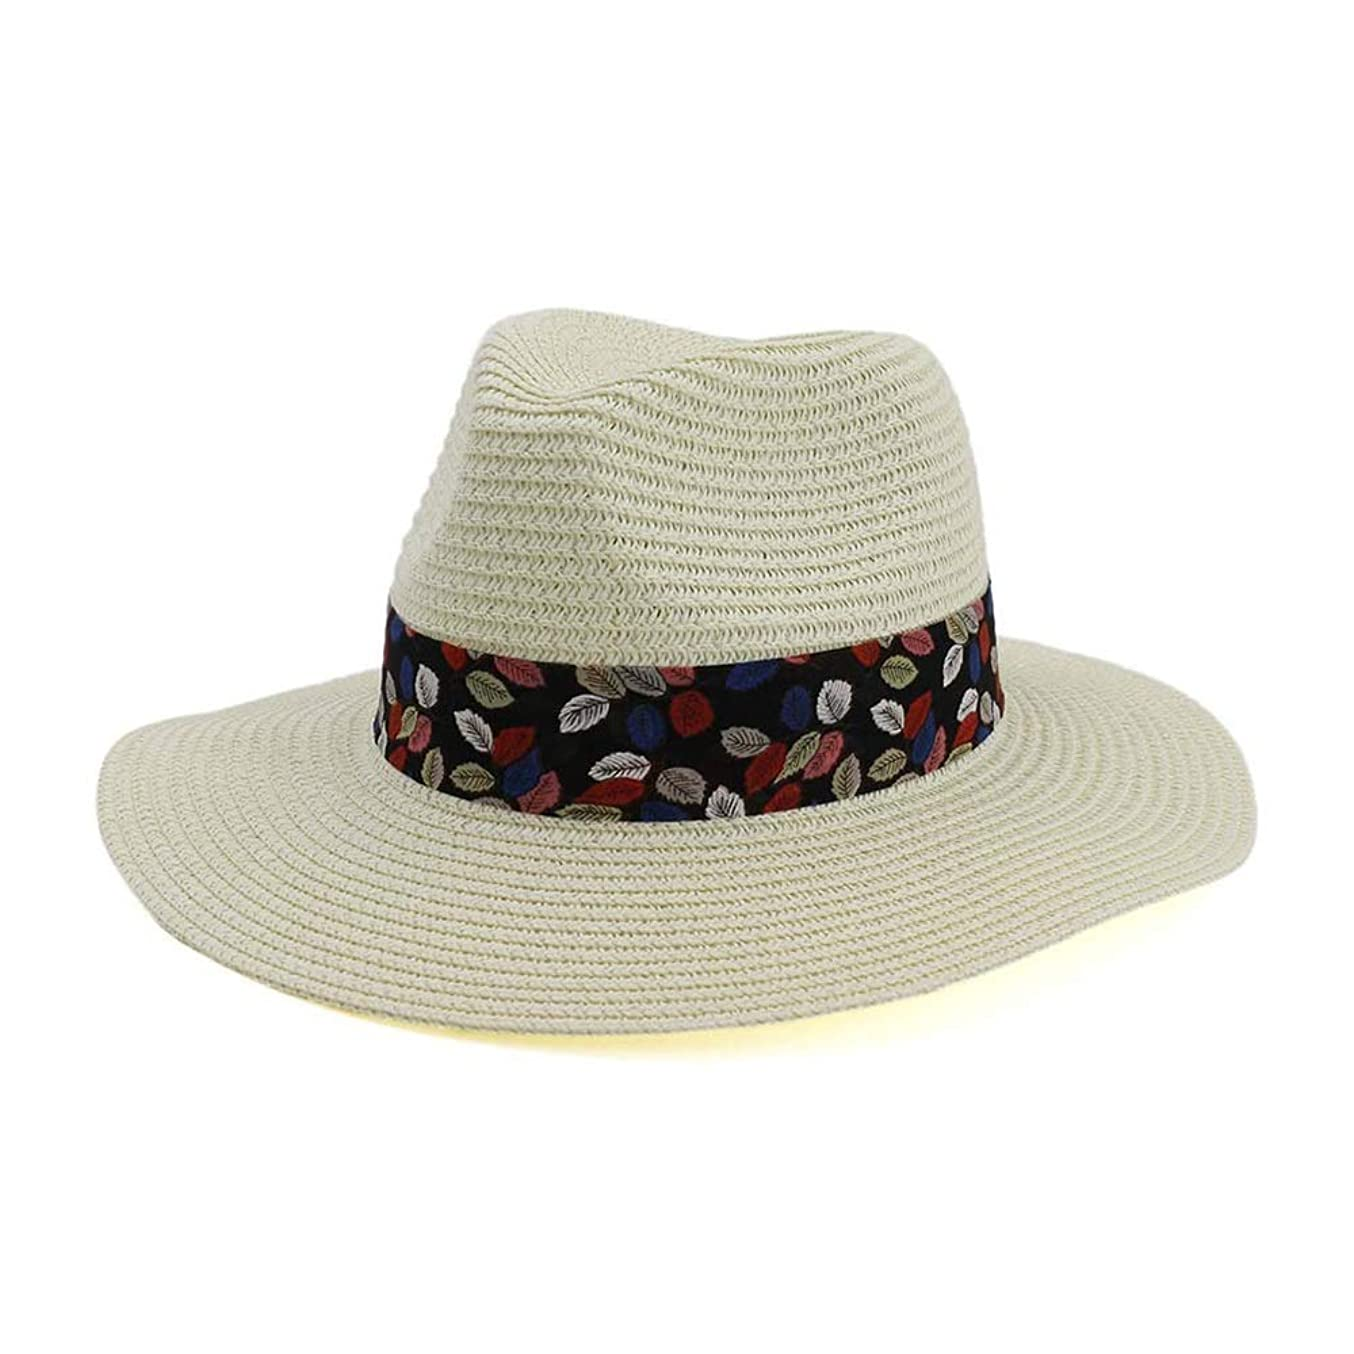 擁する撃退する中間Jieming 女性男性ファッションパナマ帽子わらワイドつばサンハットTrilbyギャングFedoraジャズソンブレロキャップ (色 : クリーム, サイズ : 56-58CM)